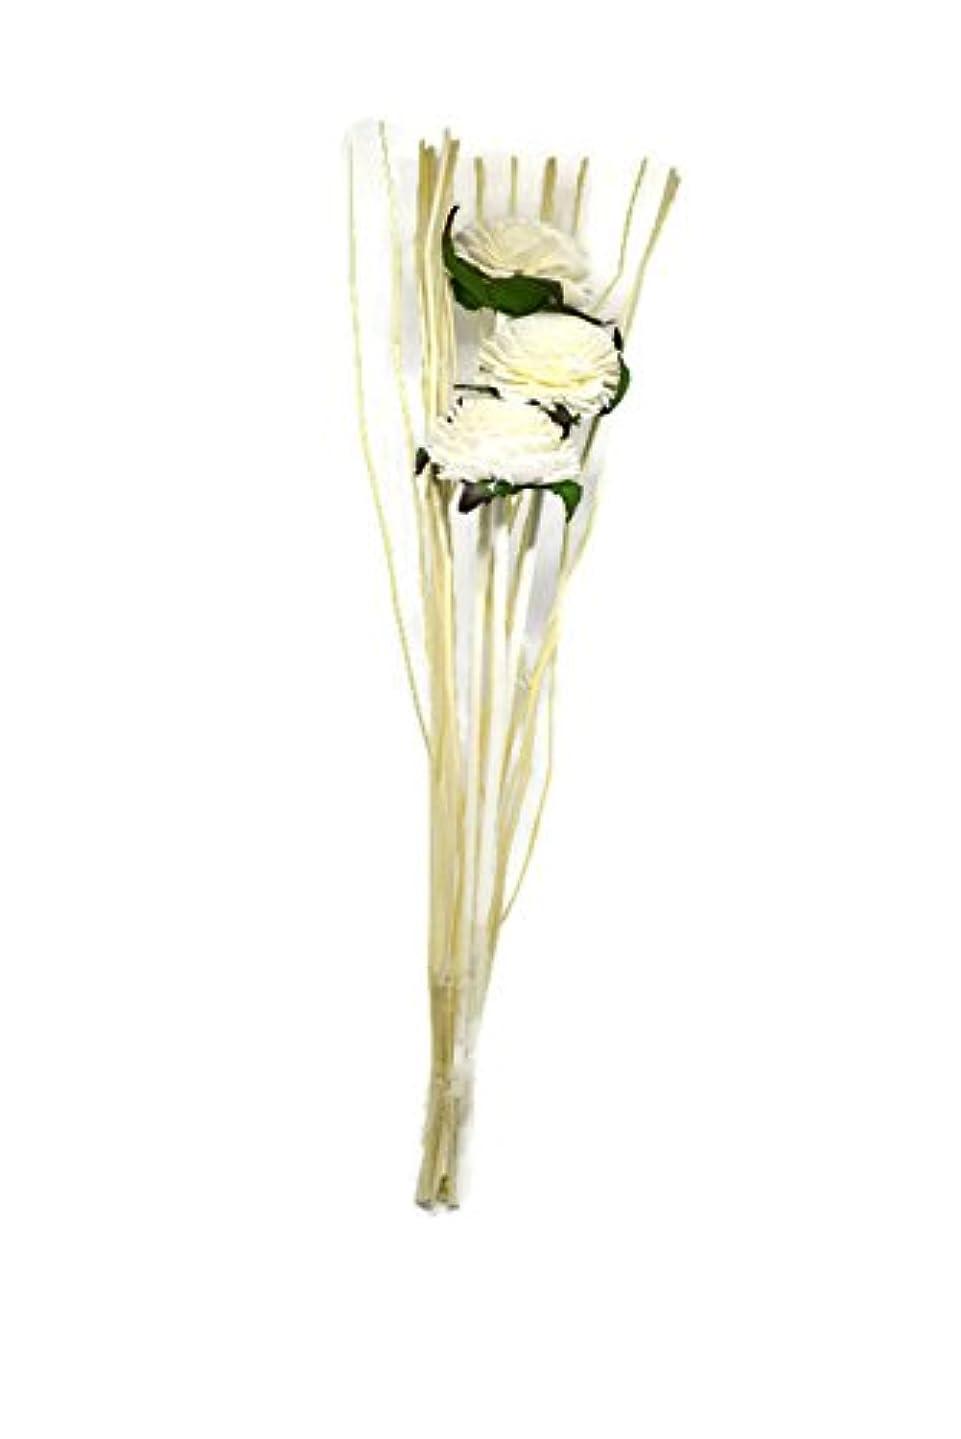 反動日付キャンセルReed Diffuser Sticks for香りとアロマオイル、フラワーRattan Sola木製ジャスミンフラワーディフューザー12インチ